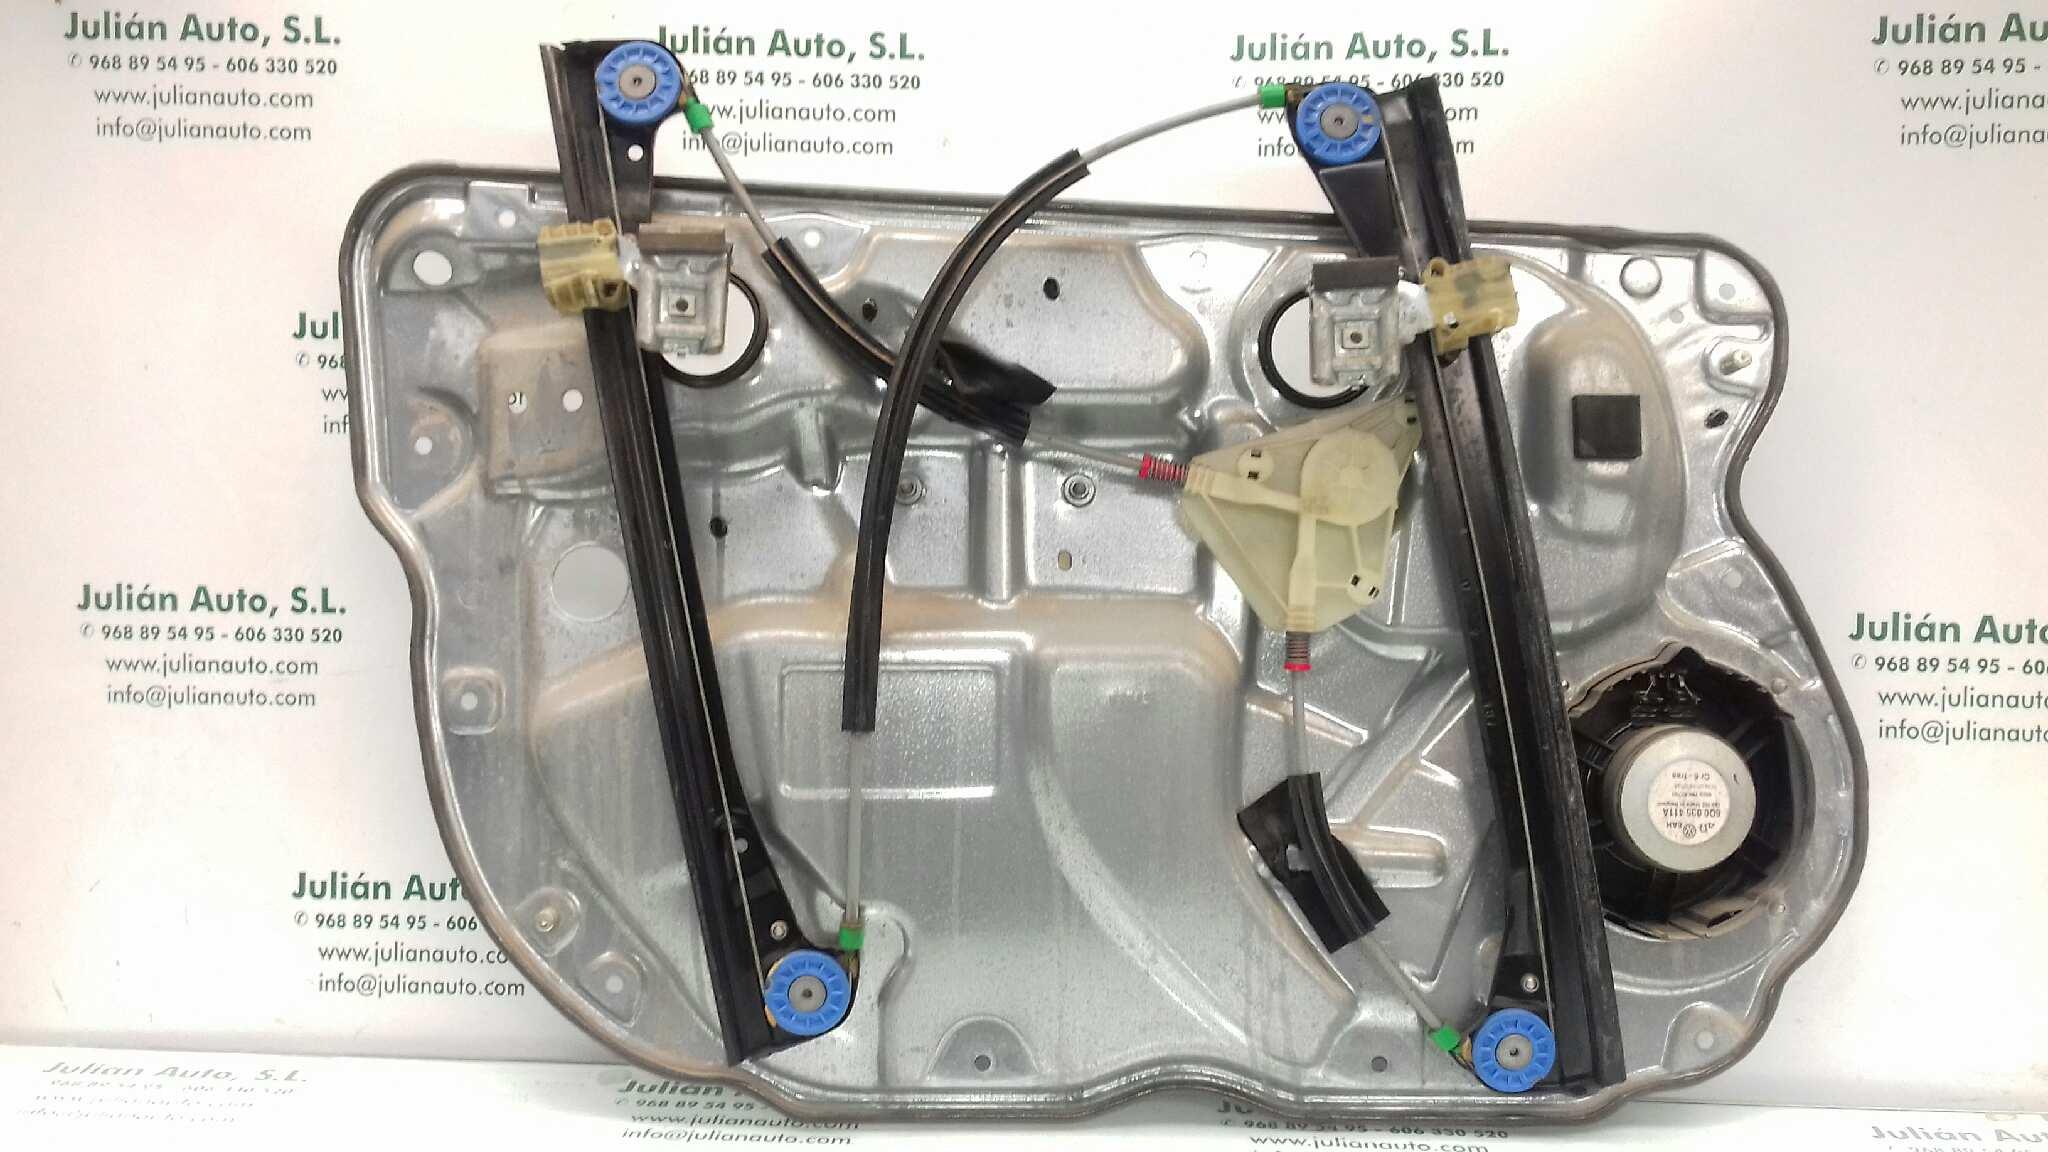 Elevalunas delantero derecho de Volkswagen Polo (9n3) (2005 - 2010) 6Q4837756